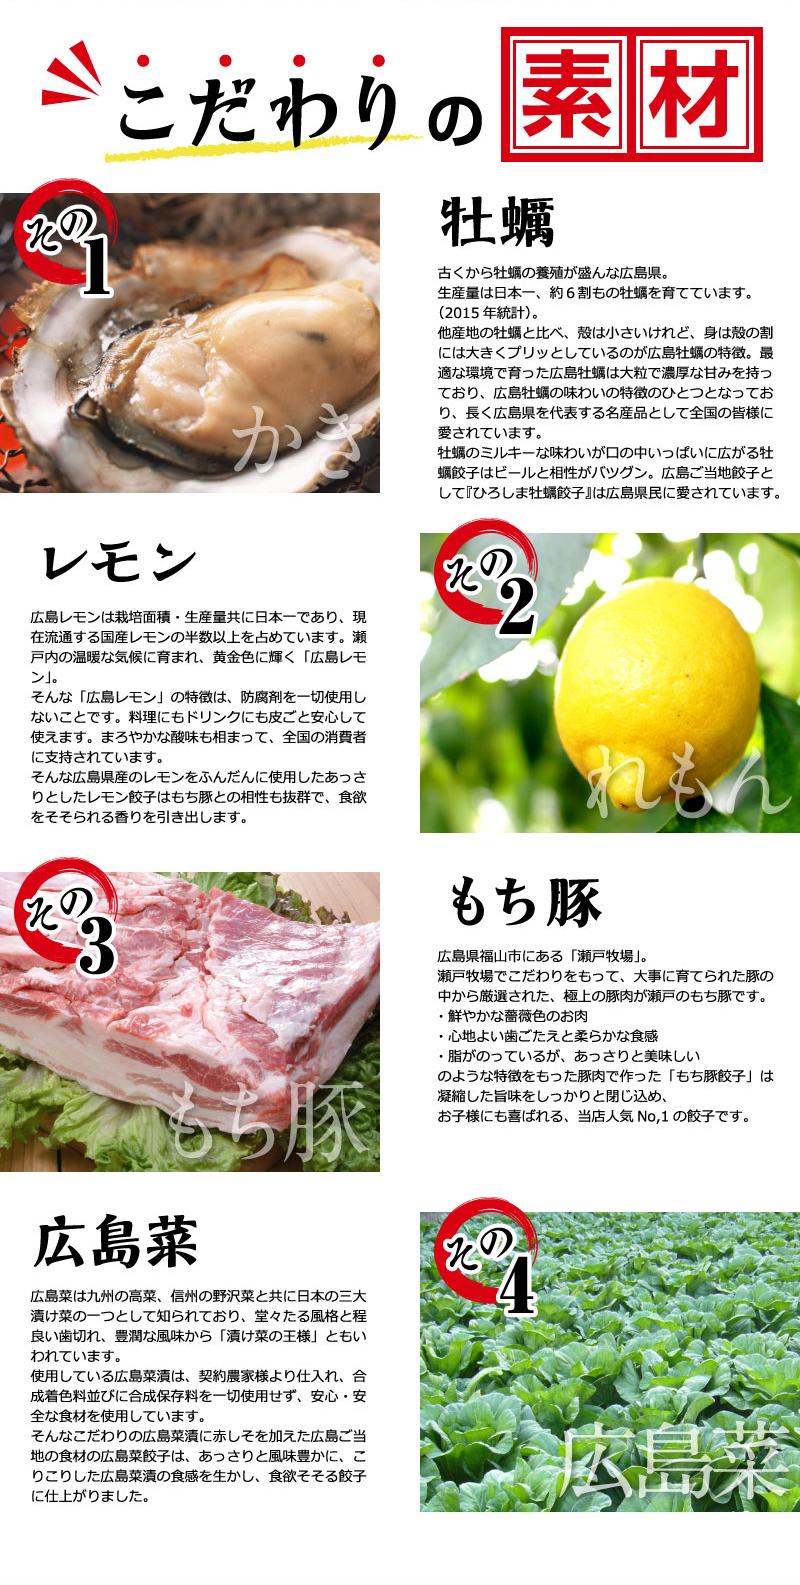 こだわりの素材 広島牡蠣 レモン もち豚 広島菜